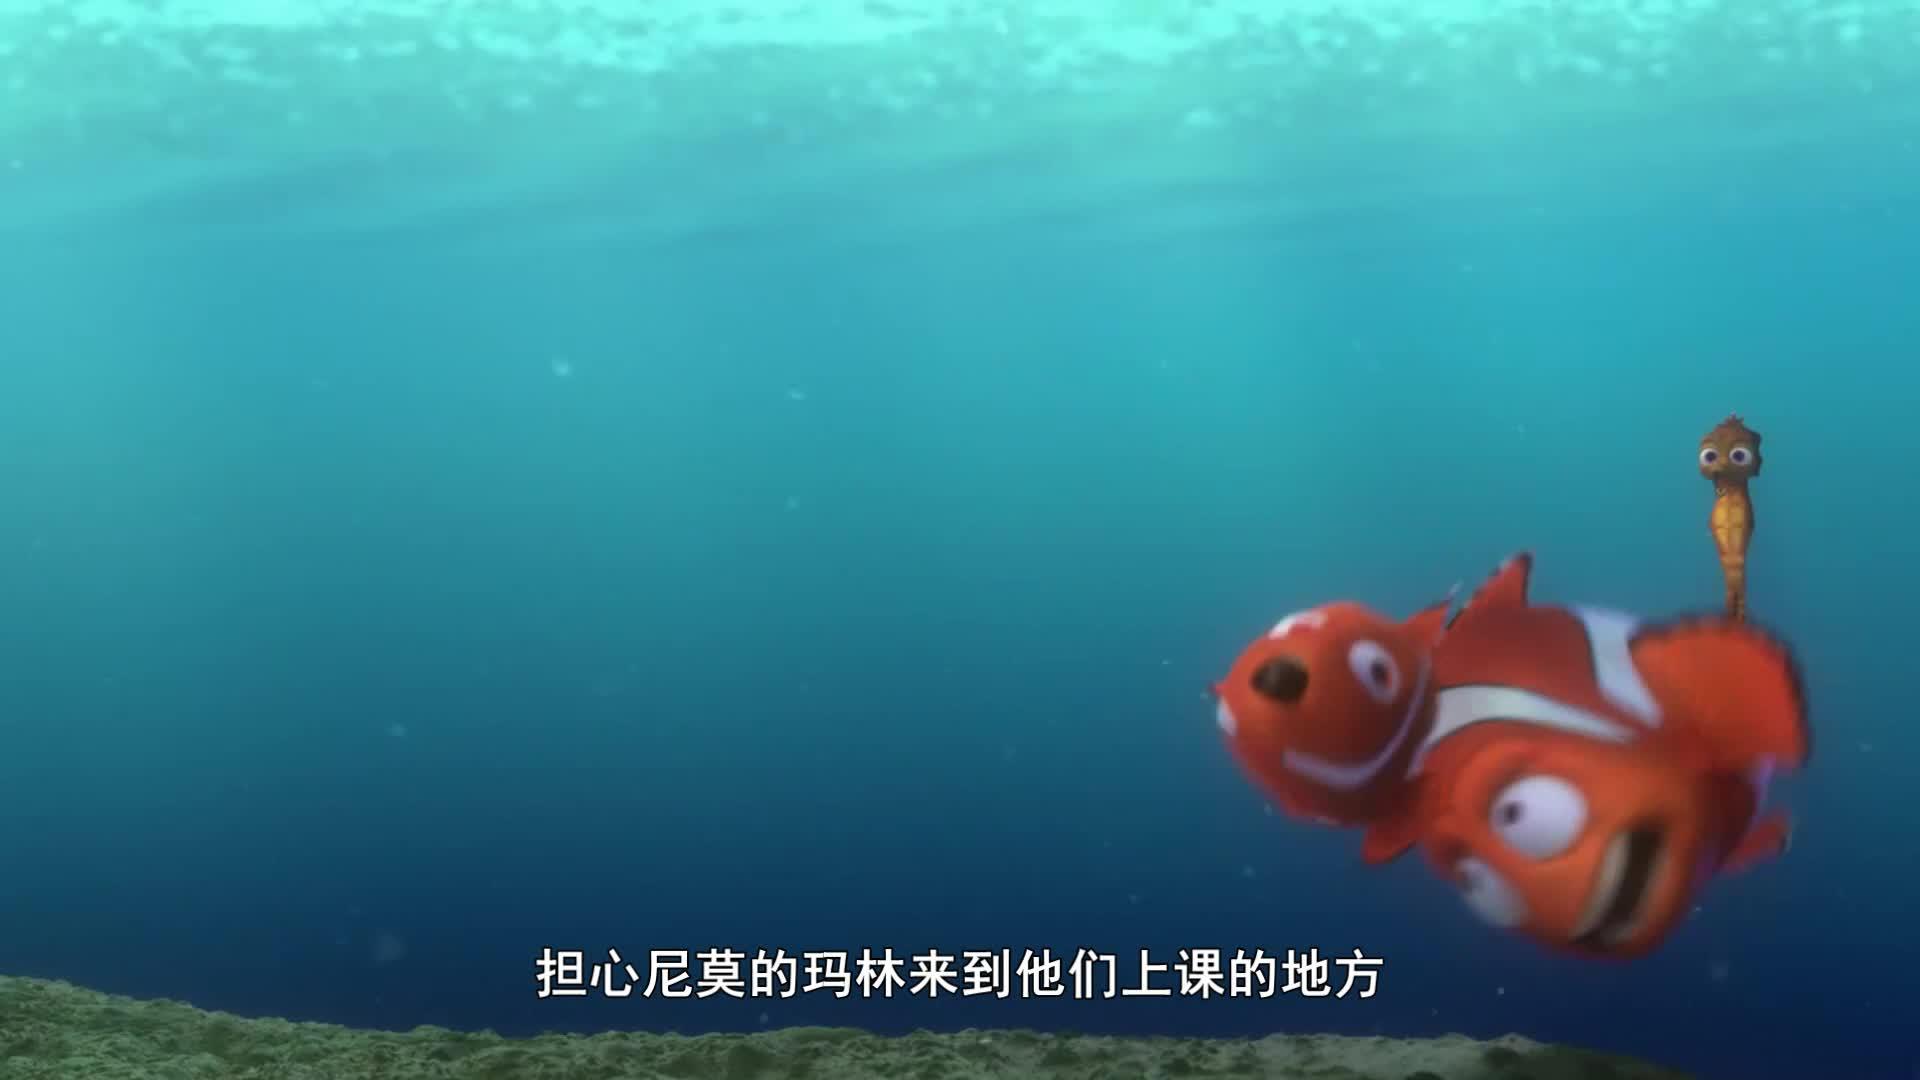 儿子被渔民捕捉走了,父亲为了救他,踏上了拯救儿子的道路